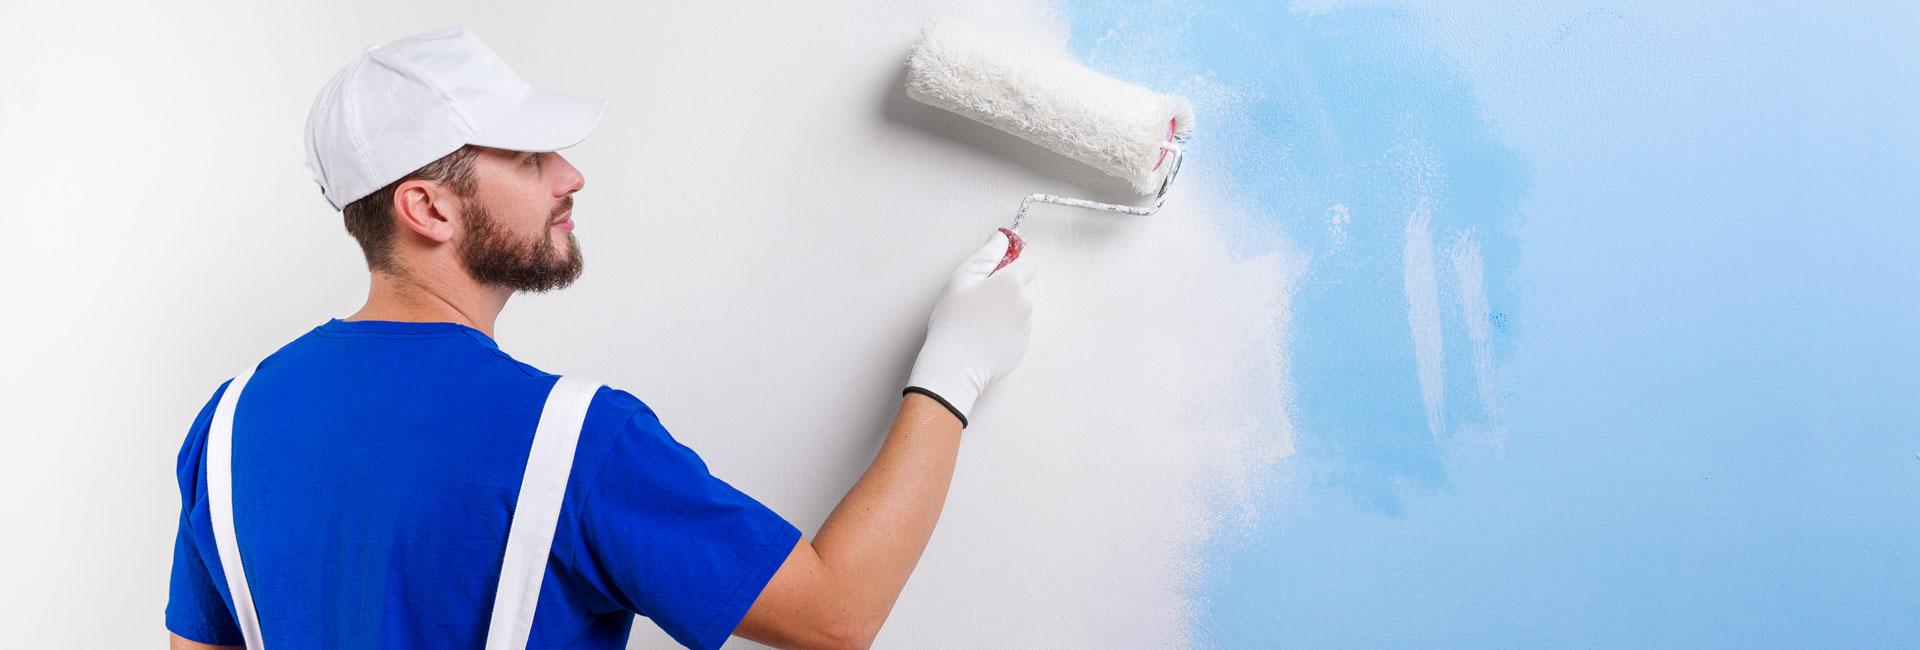 Stellenangebote beim Malerfachbetrieb Letz GmbH